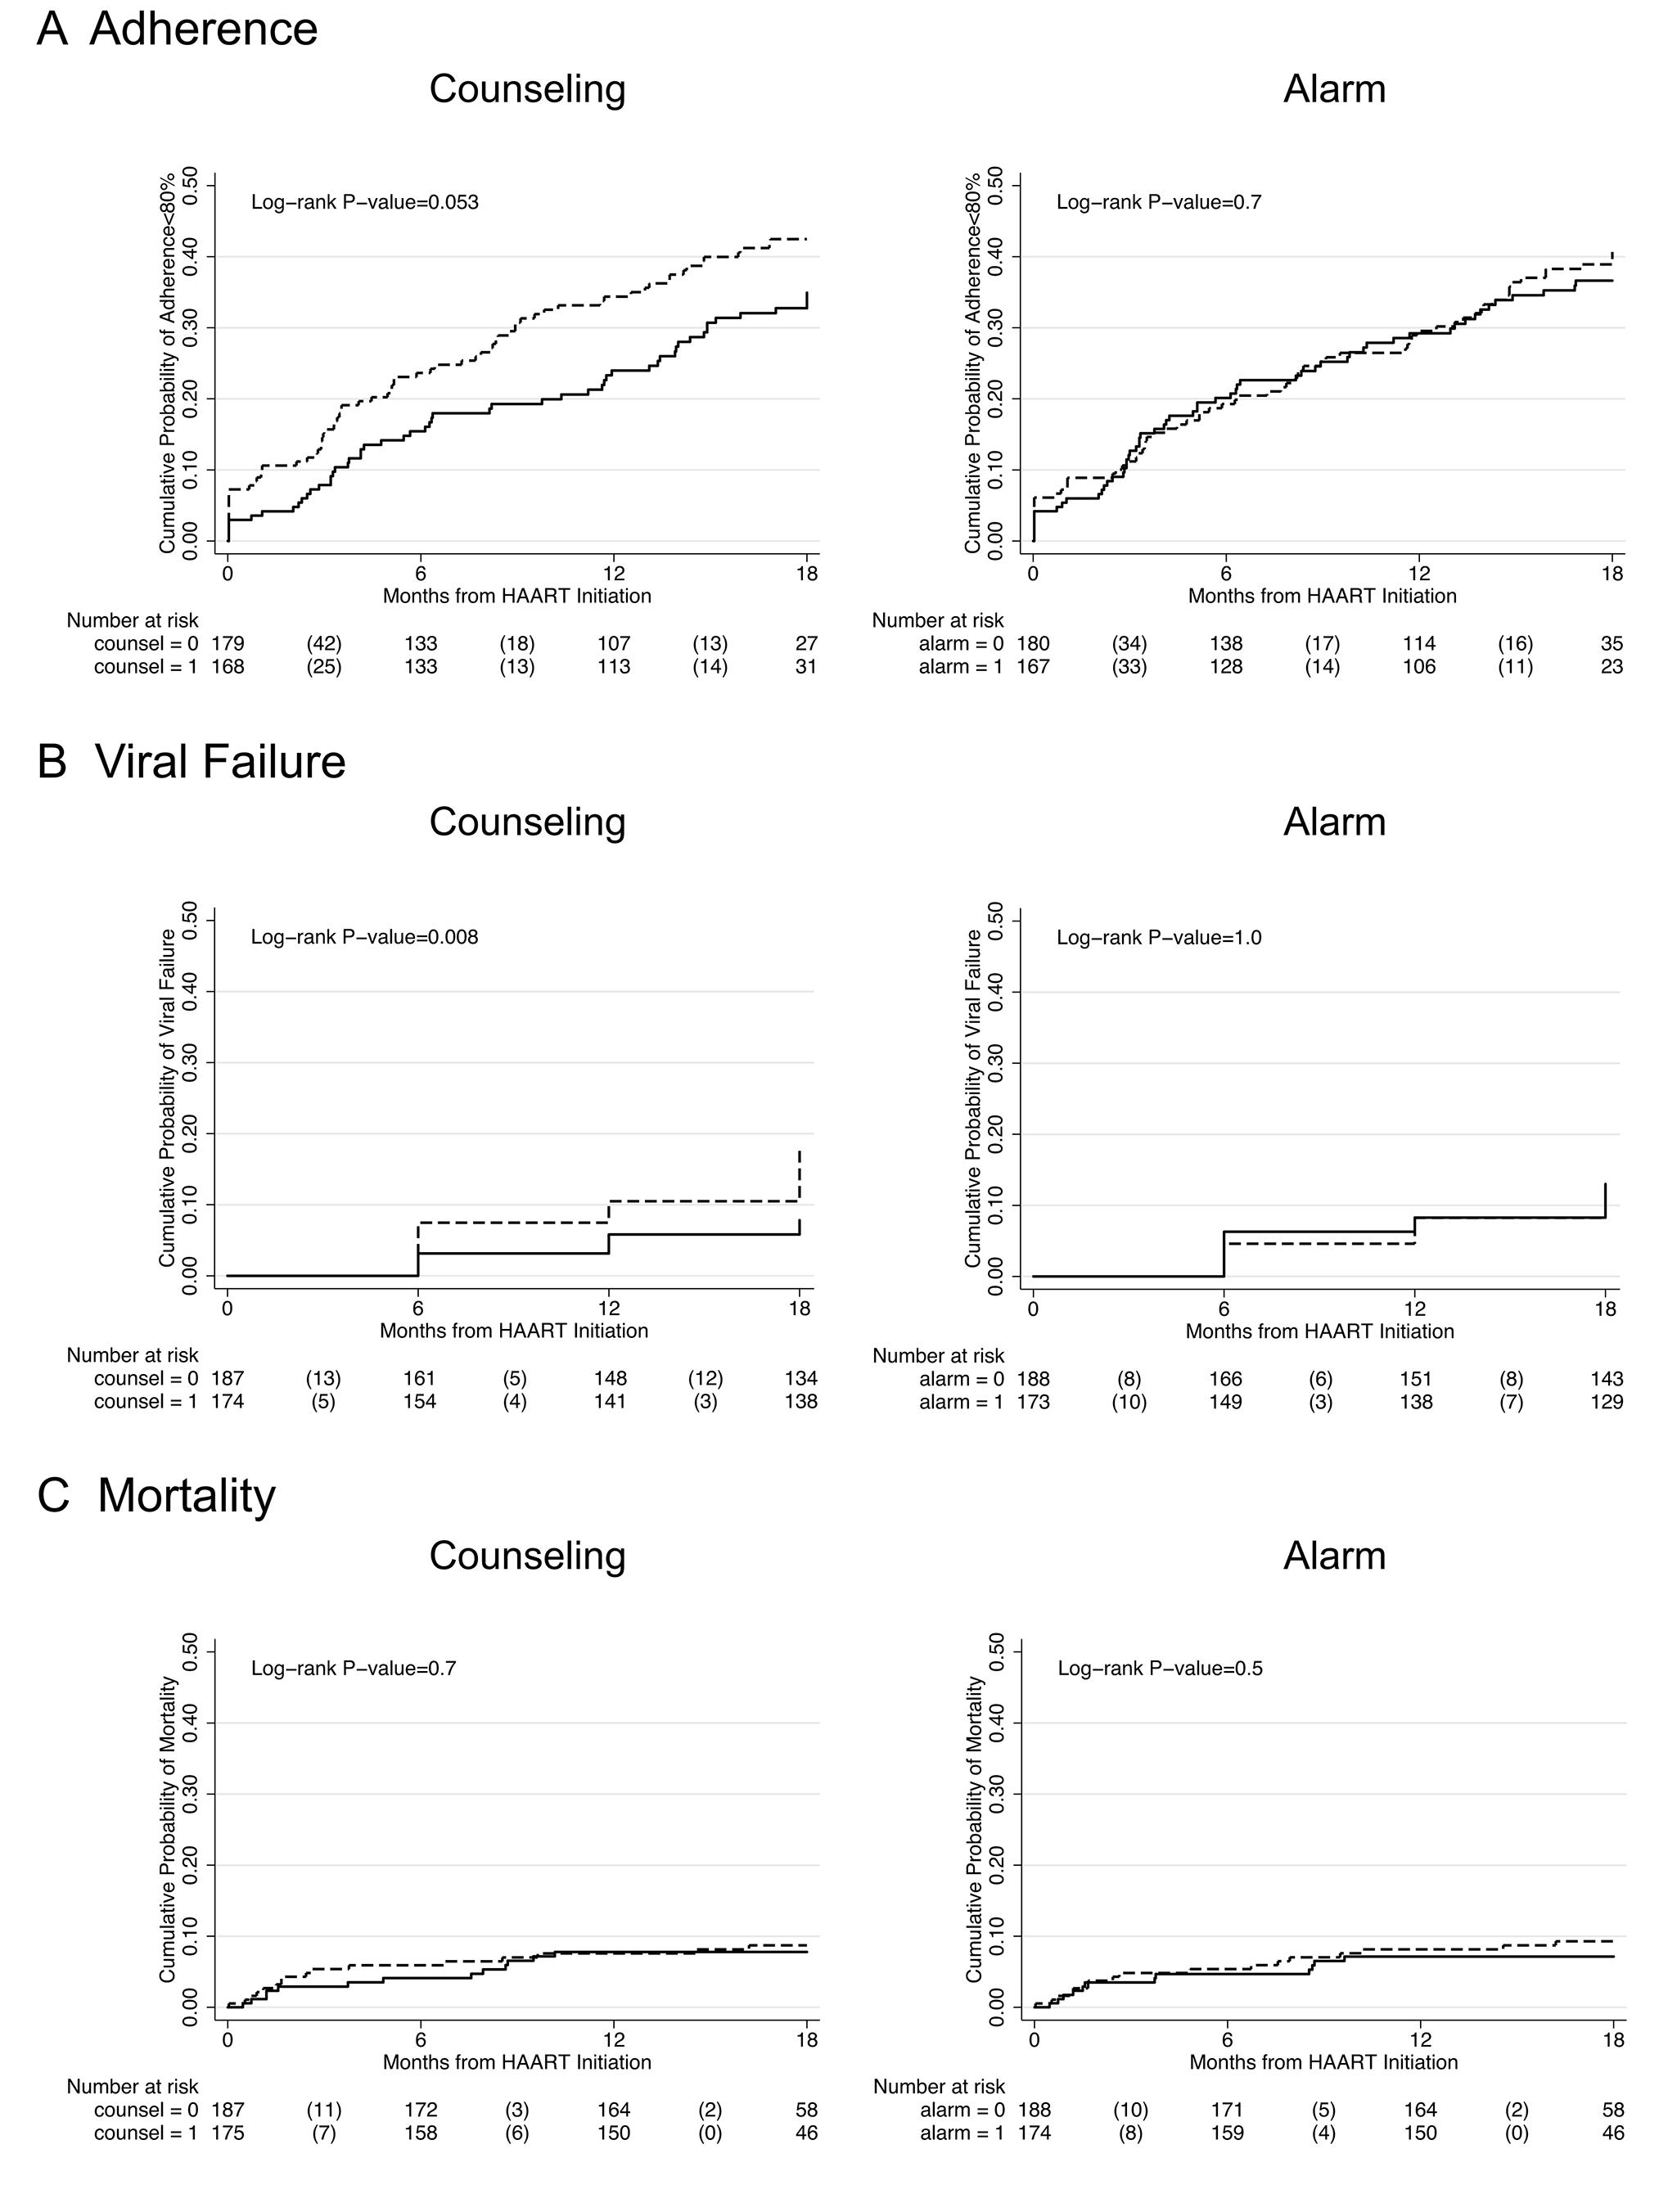 Kaplan-Meier survival curves comparing counseling versus no counseling and alarm versus no alarm.